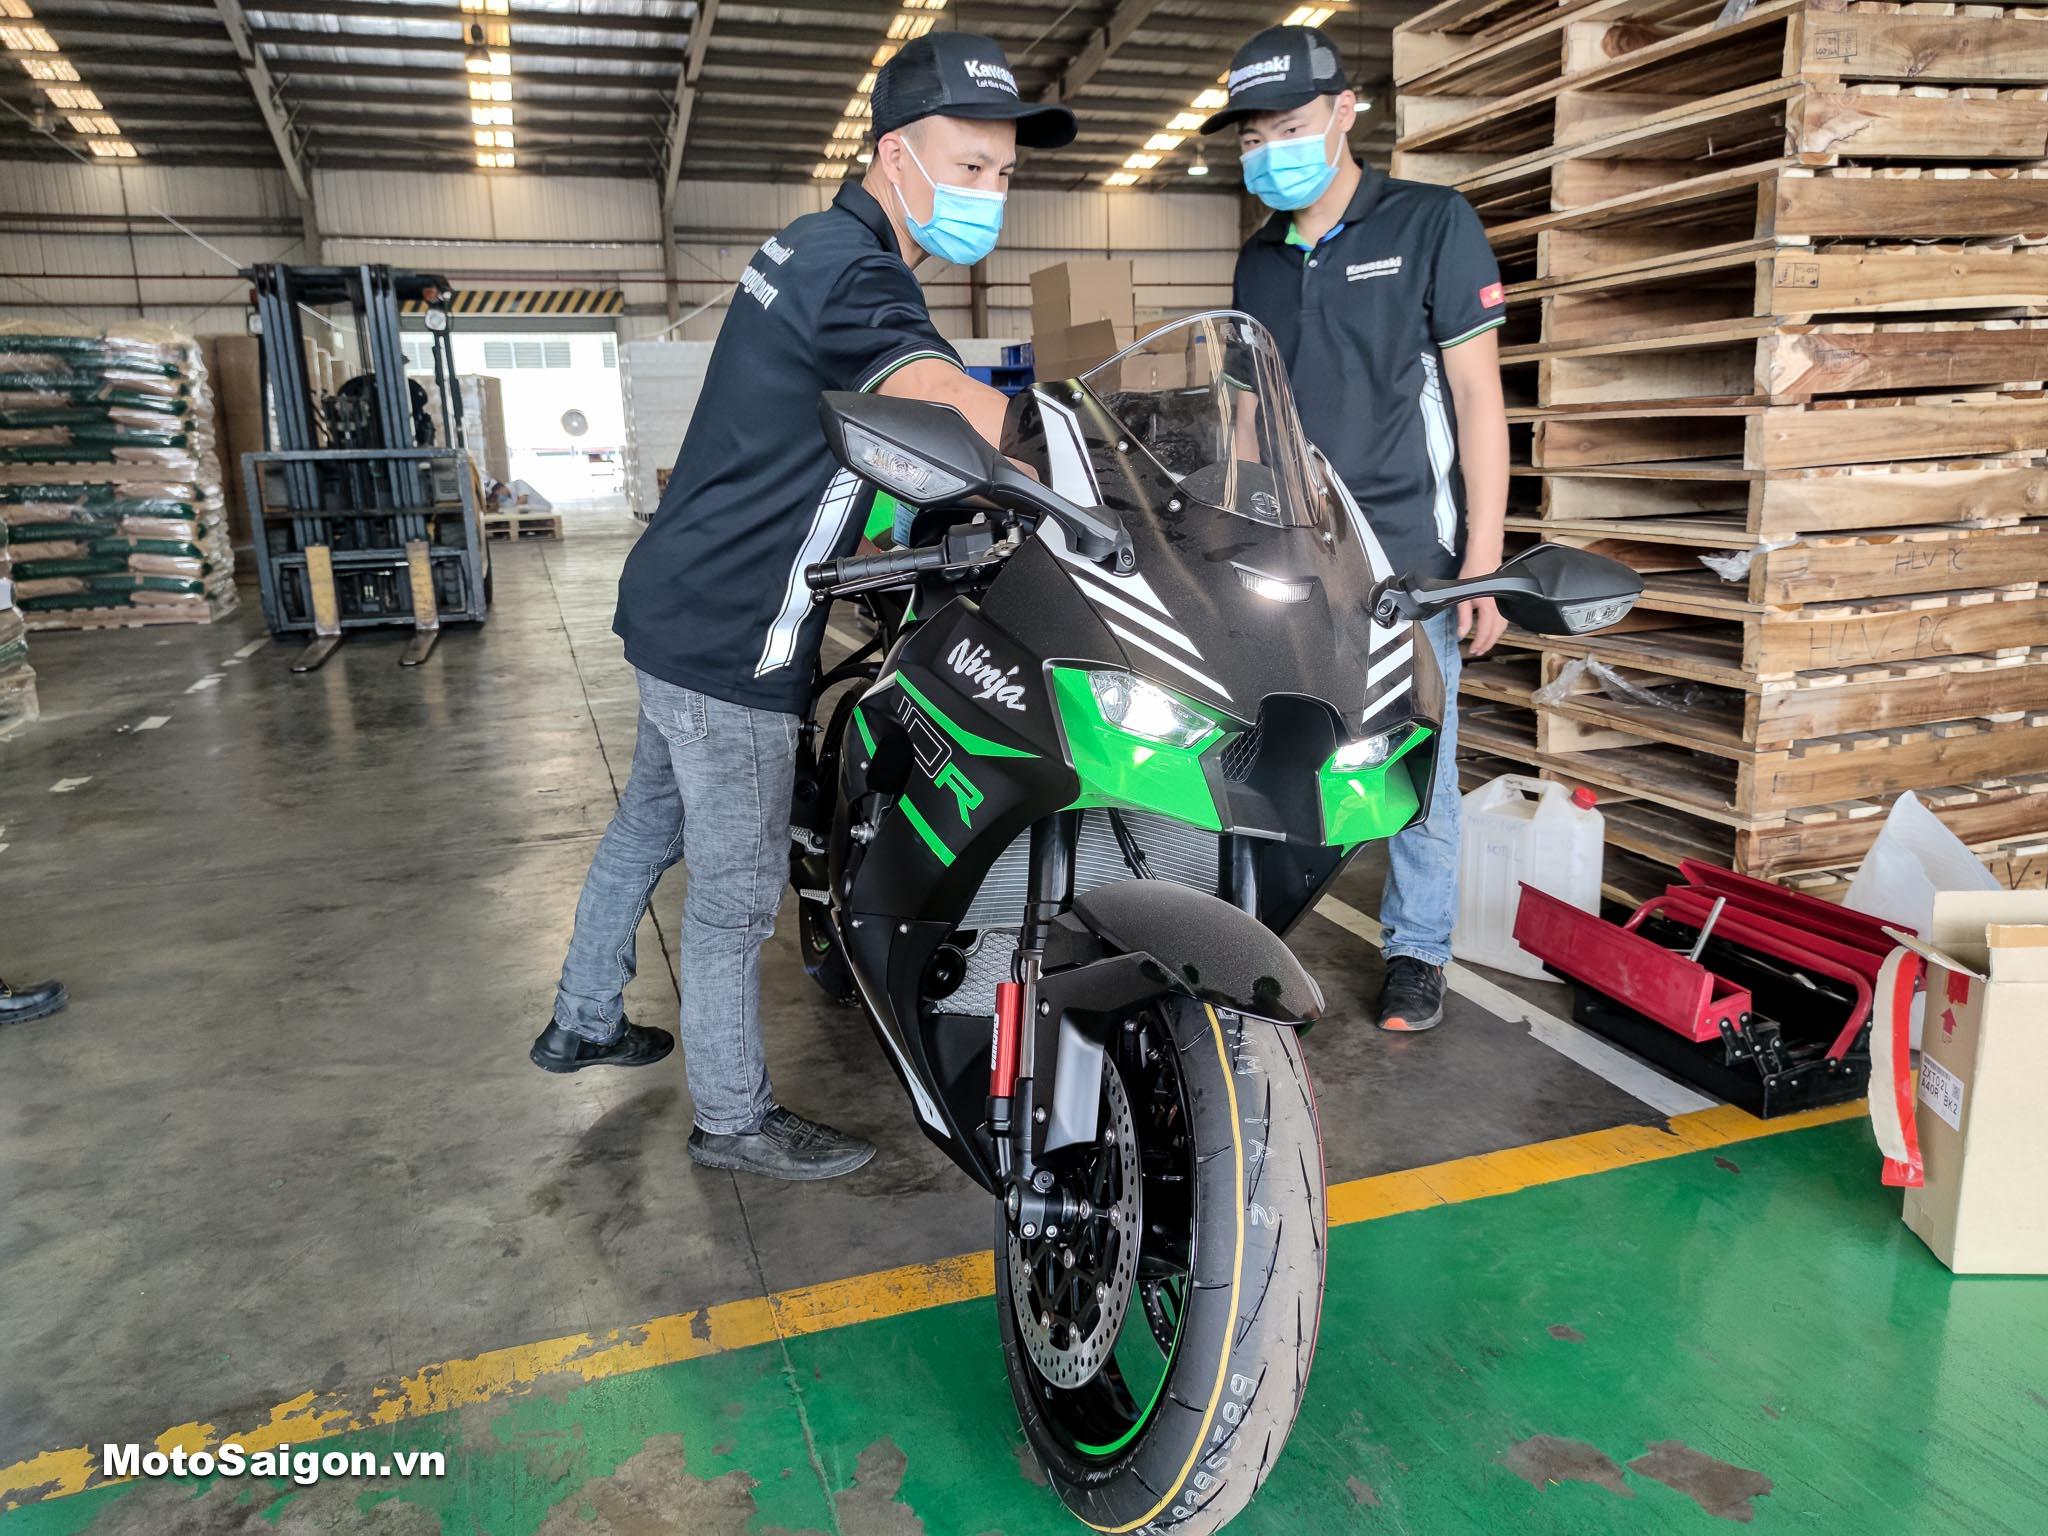 Ninja ZX-10R 2021 đầu tiên Việt Nam kèm giá bán